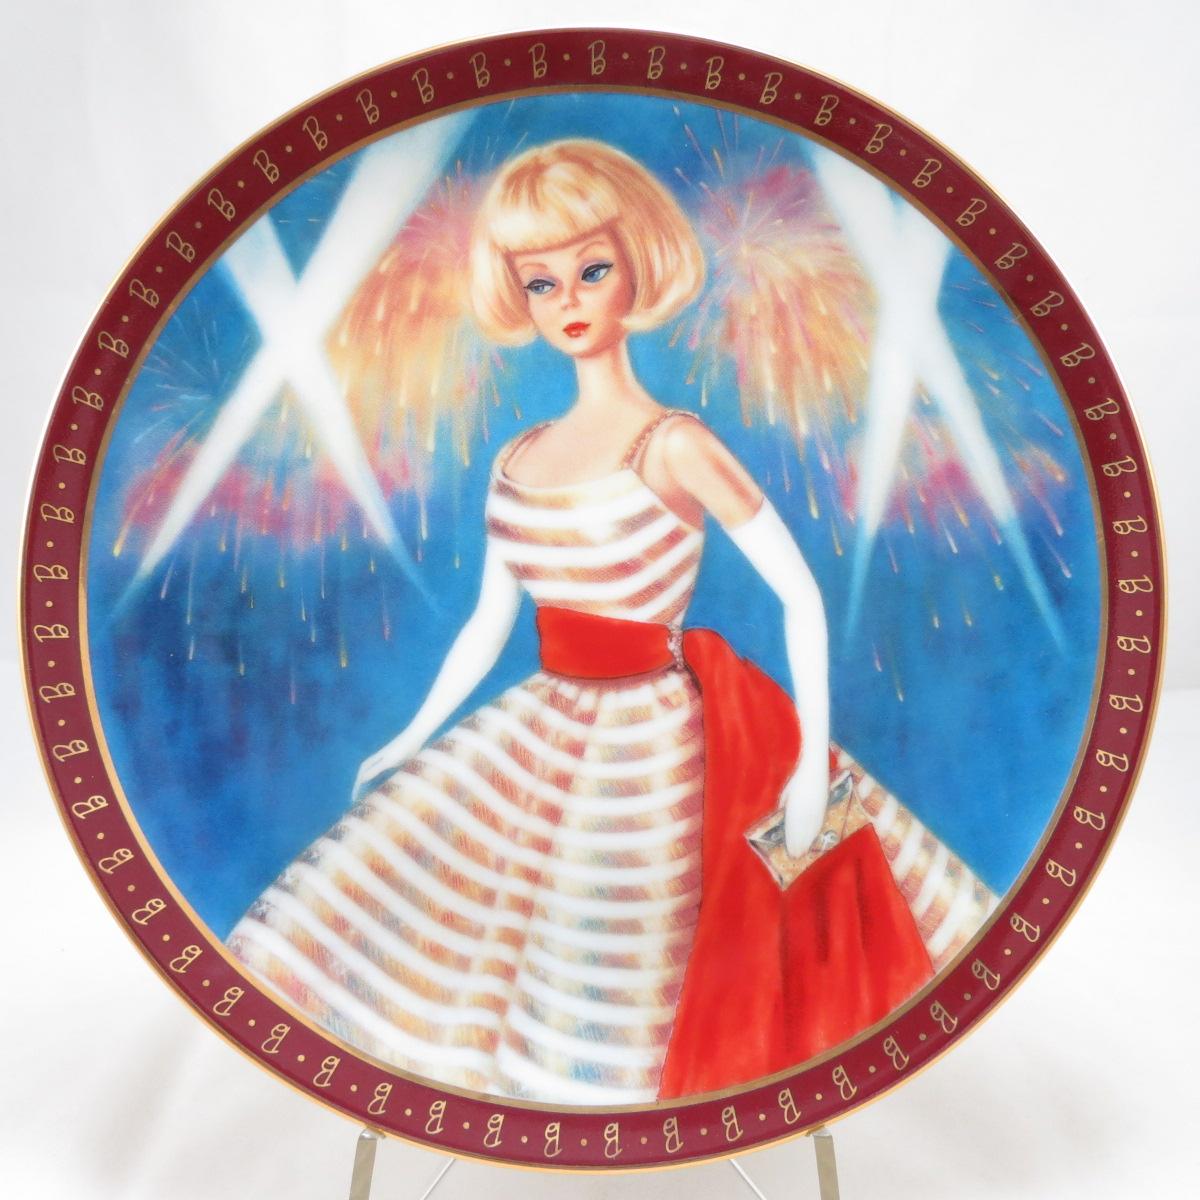 Декоративная коллекционная тарелка Кукла Барби. Высокая Мода: Барби 1965 года. Праздничный Танец. Фарфор, деколь, золочение. США, Danbury Mint, Сьюзи Мортон, 1990 декоративная коллекционная тарелка кукла барби высокая мода барби 1959 года невеста фарфор деколь золочение сша danbury mint сьюзи мортон 1990